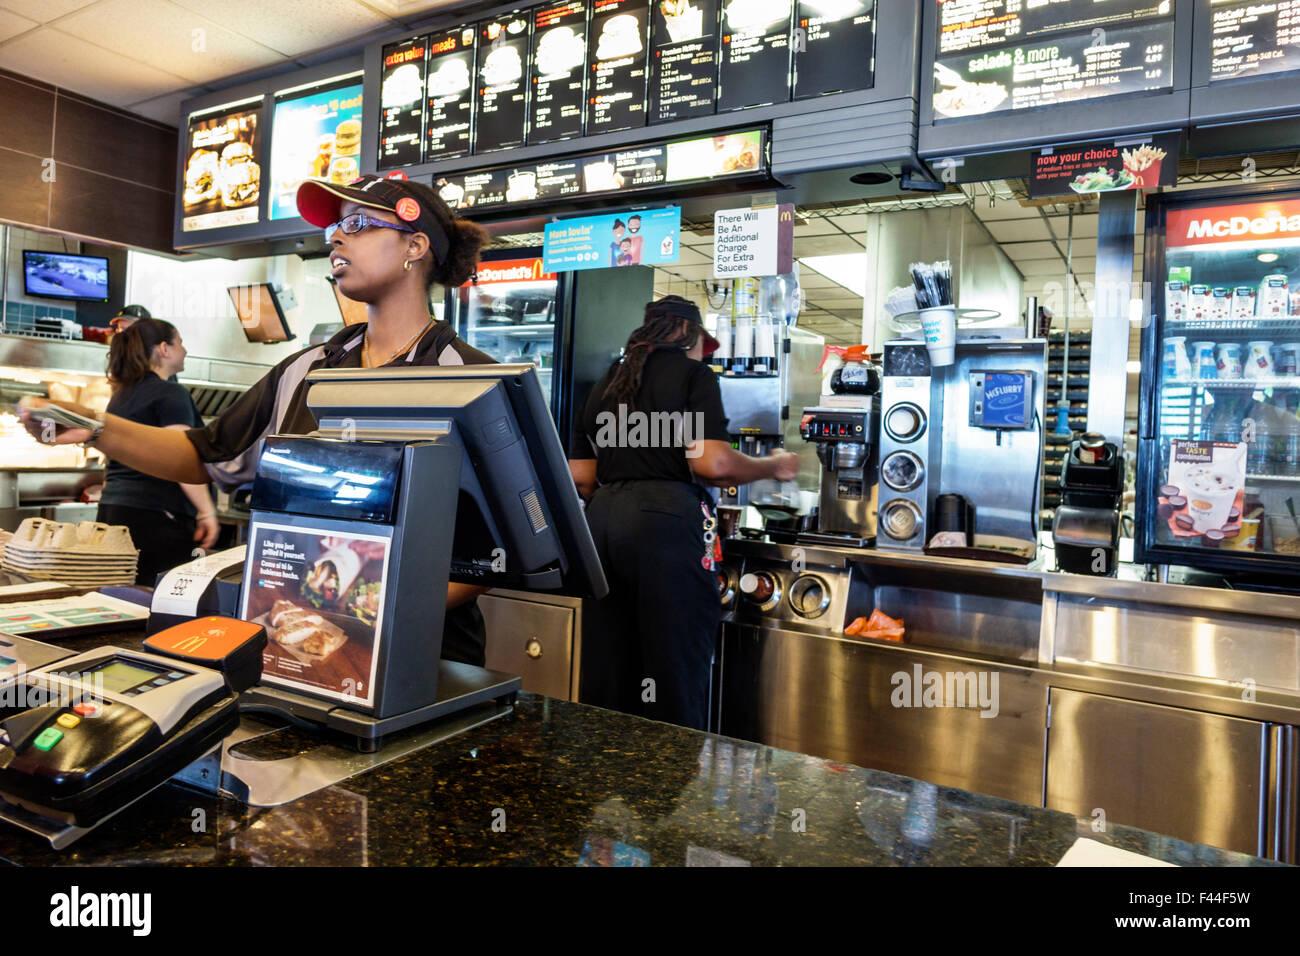 Key West, Florida Keys McDonald's restaurante de comida rápida en contra de la mujer negra uniforme empleado Imagen De Stock